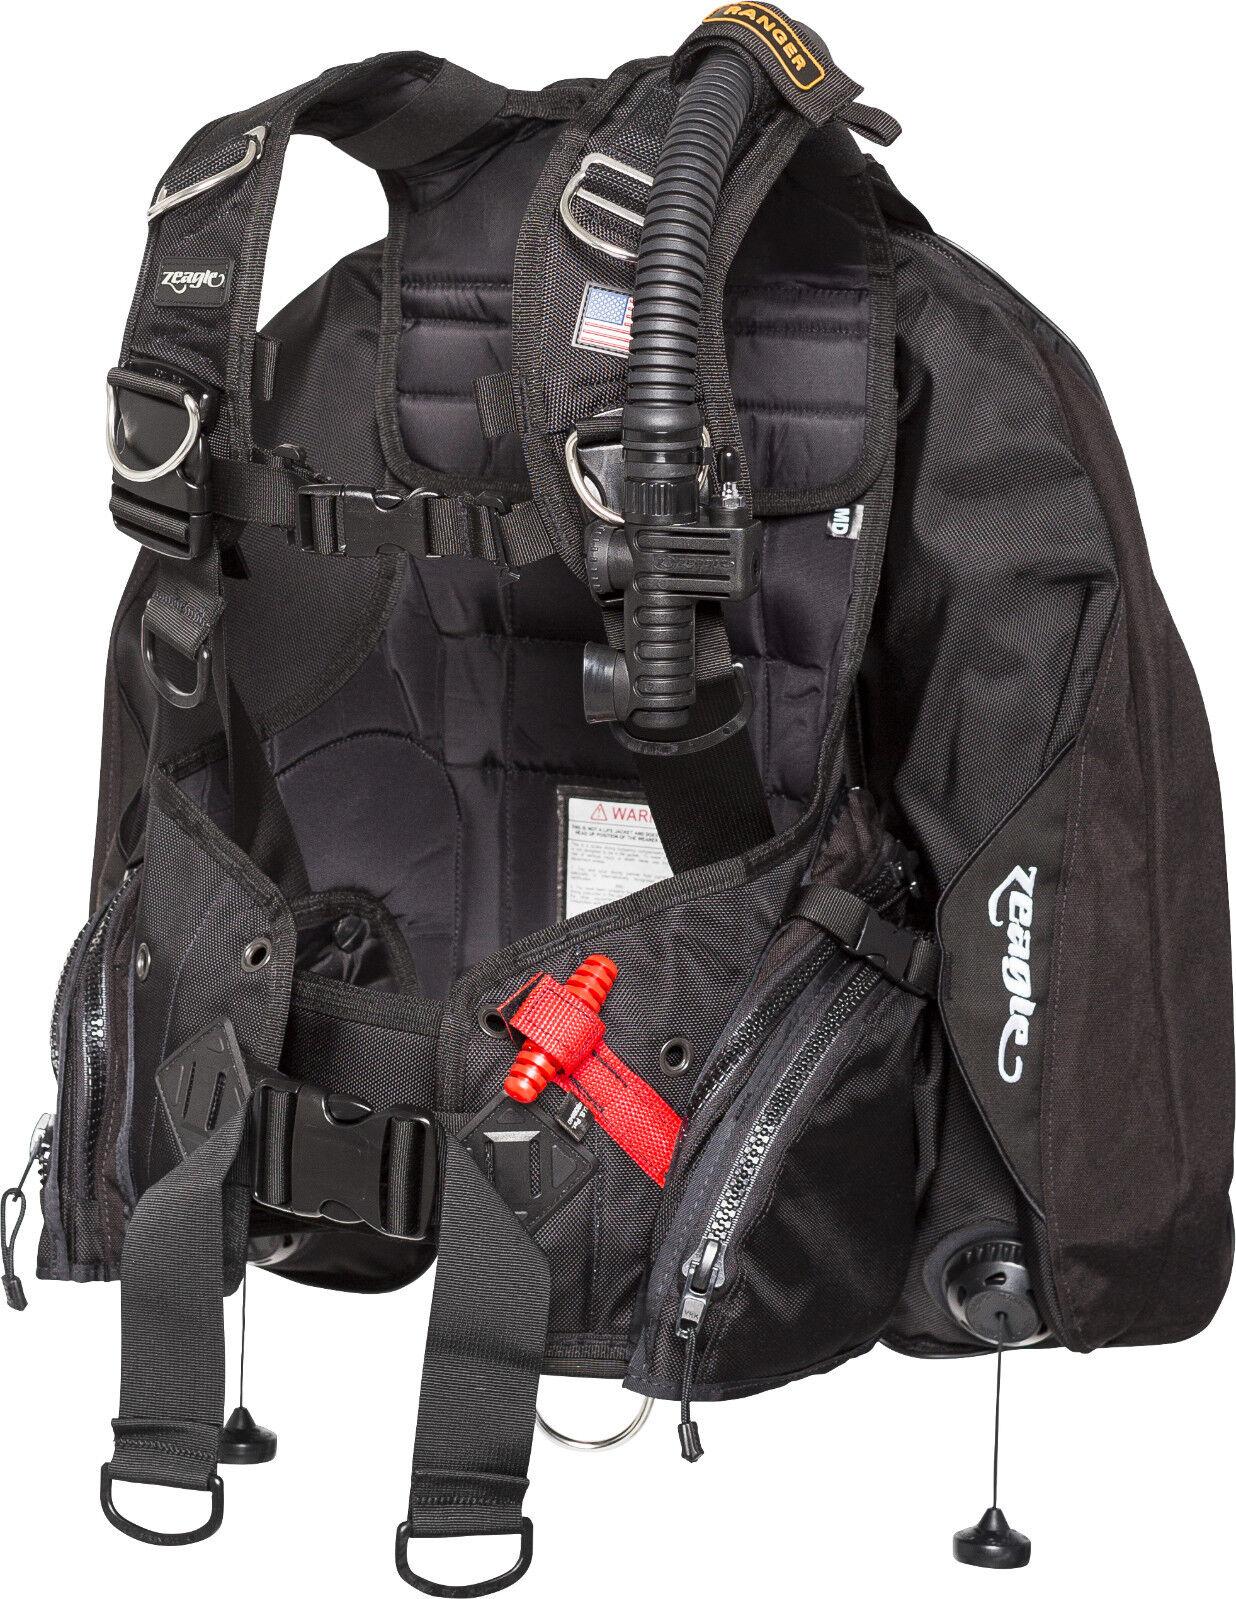 Zeagle Ranger Ltd Bcd Scuba Diving Gtuttieggiante WSacchetti 7909RK Md